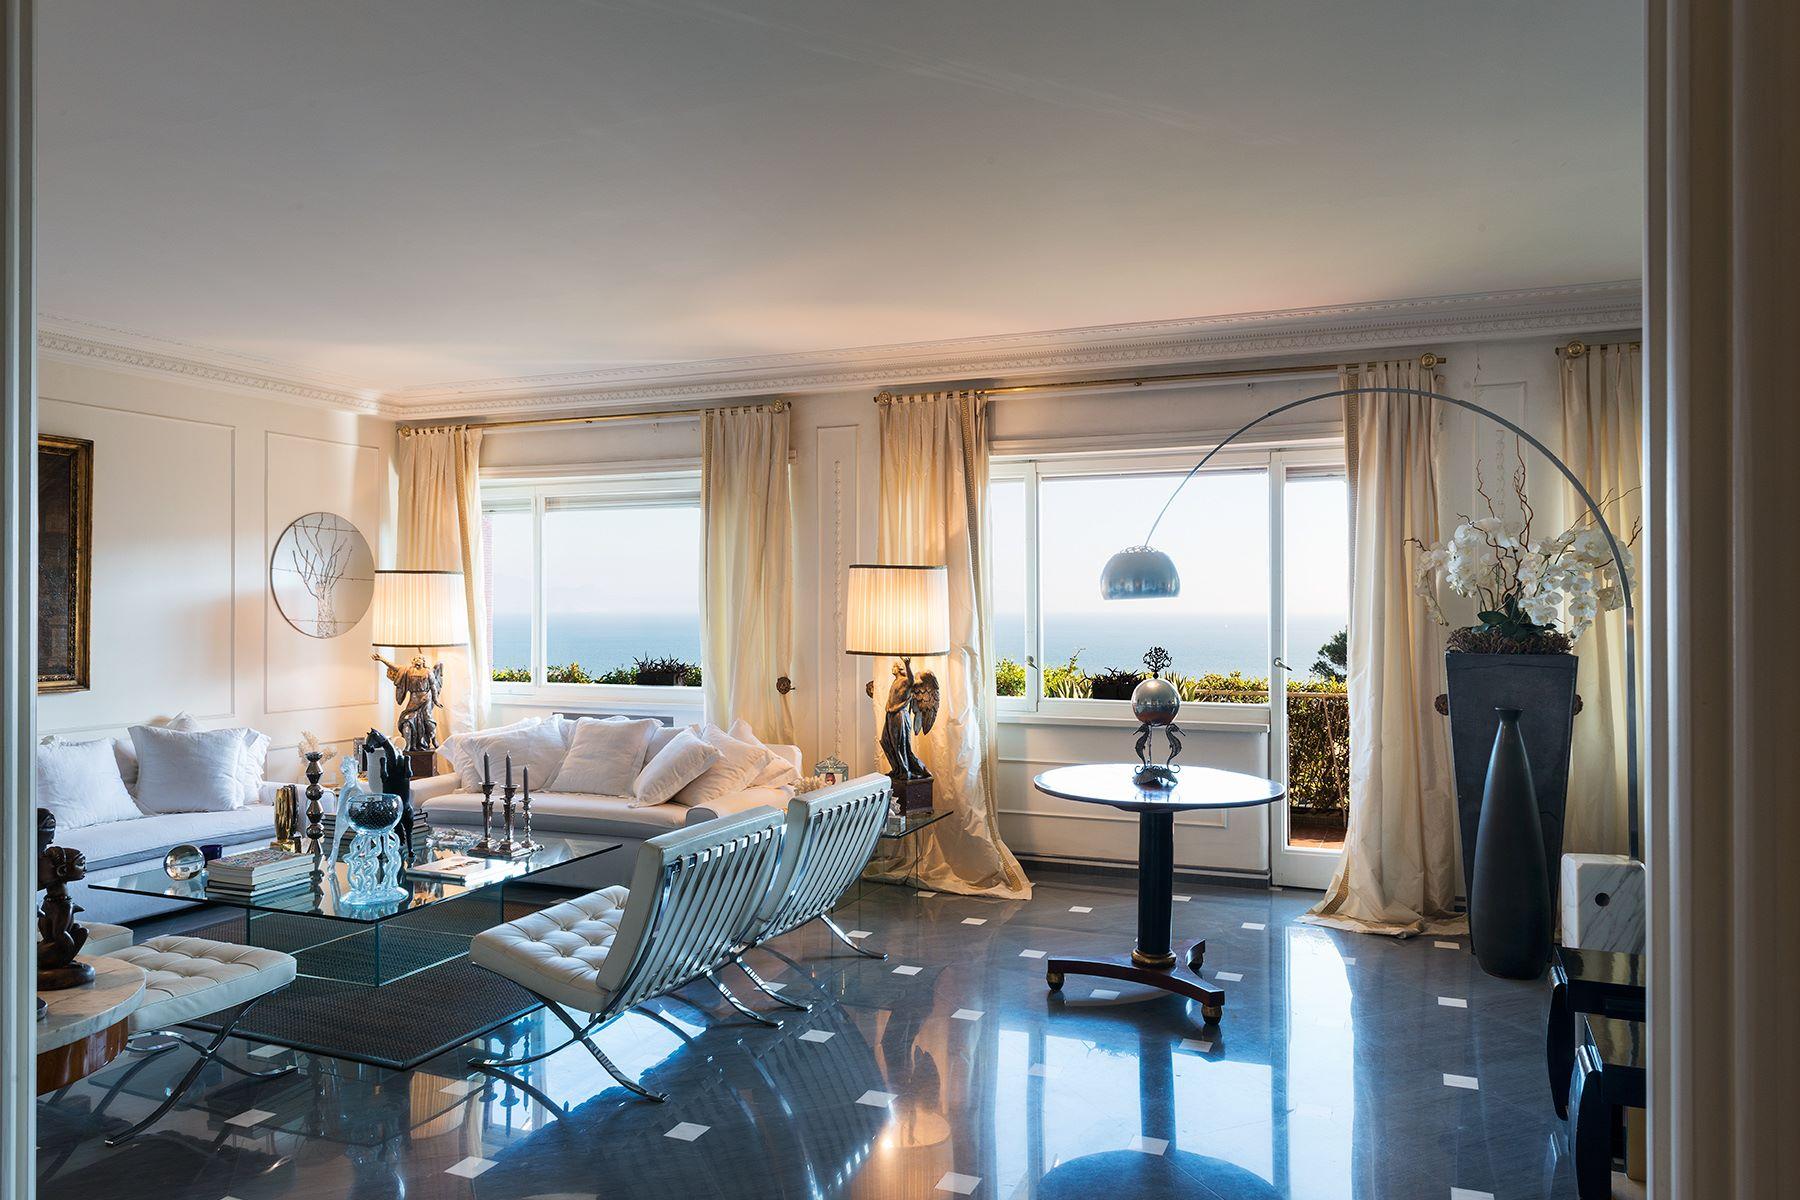 Appartamento per Vendita alle ore Magnifico appartamento di charme a Posillipo Via Francesco Petrarca Napoli, Napoli 80122 Italia